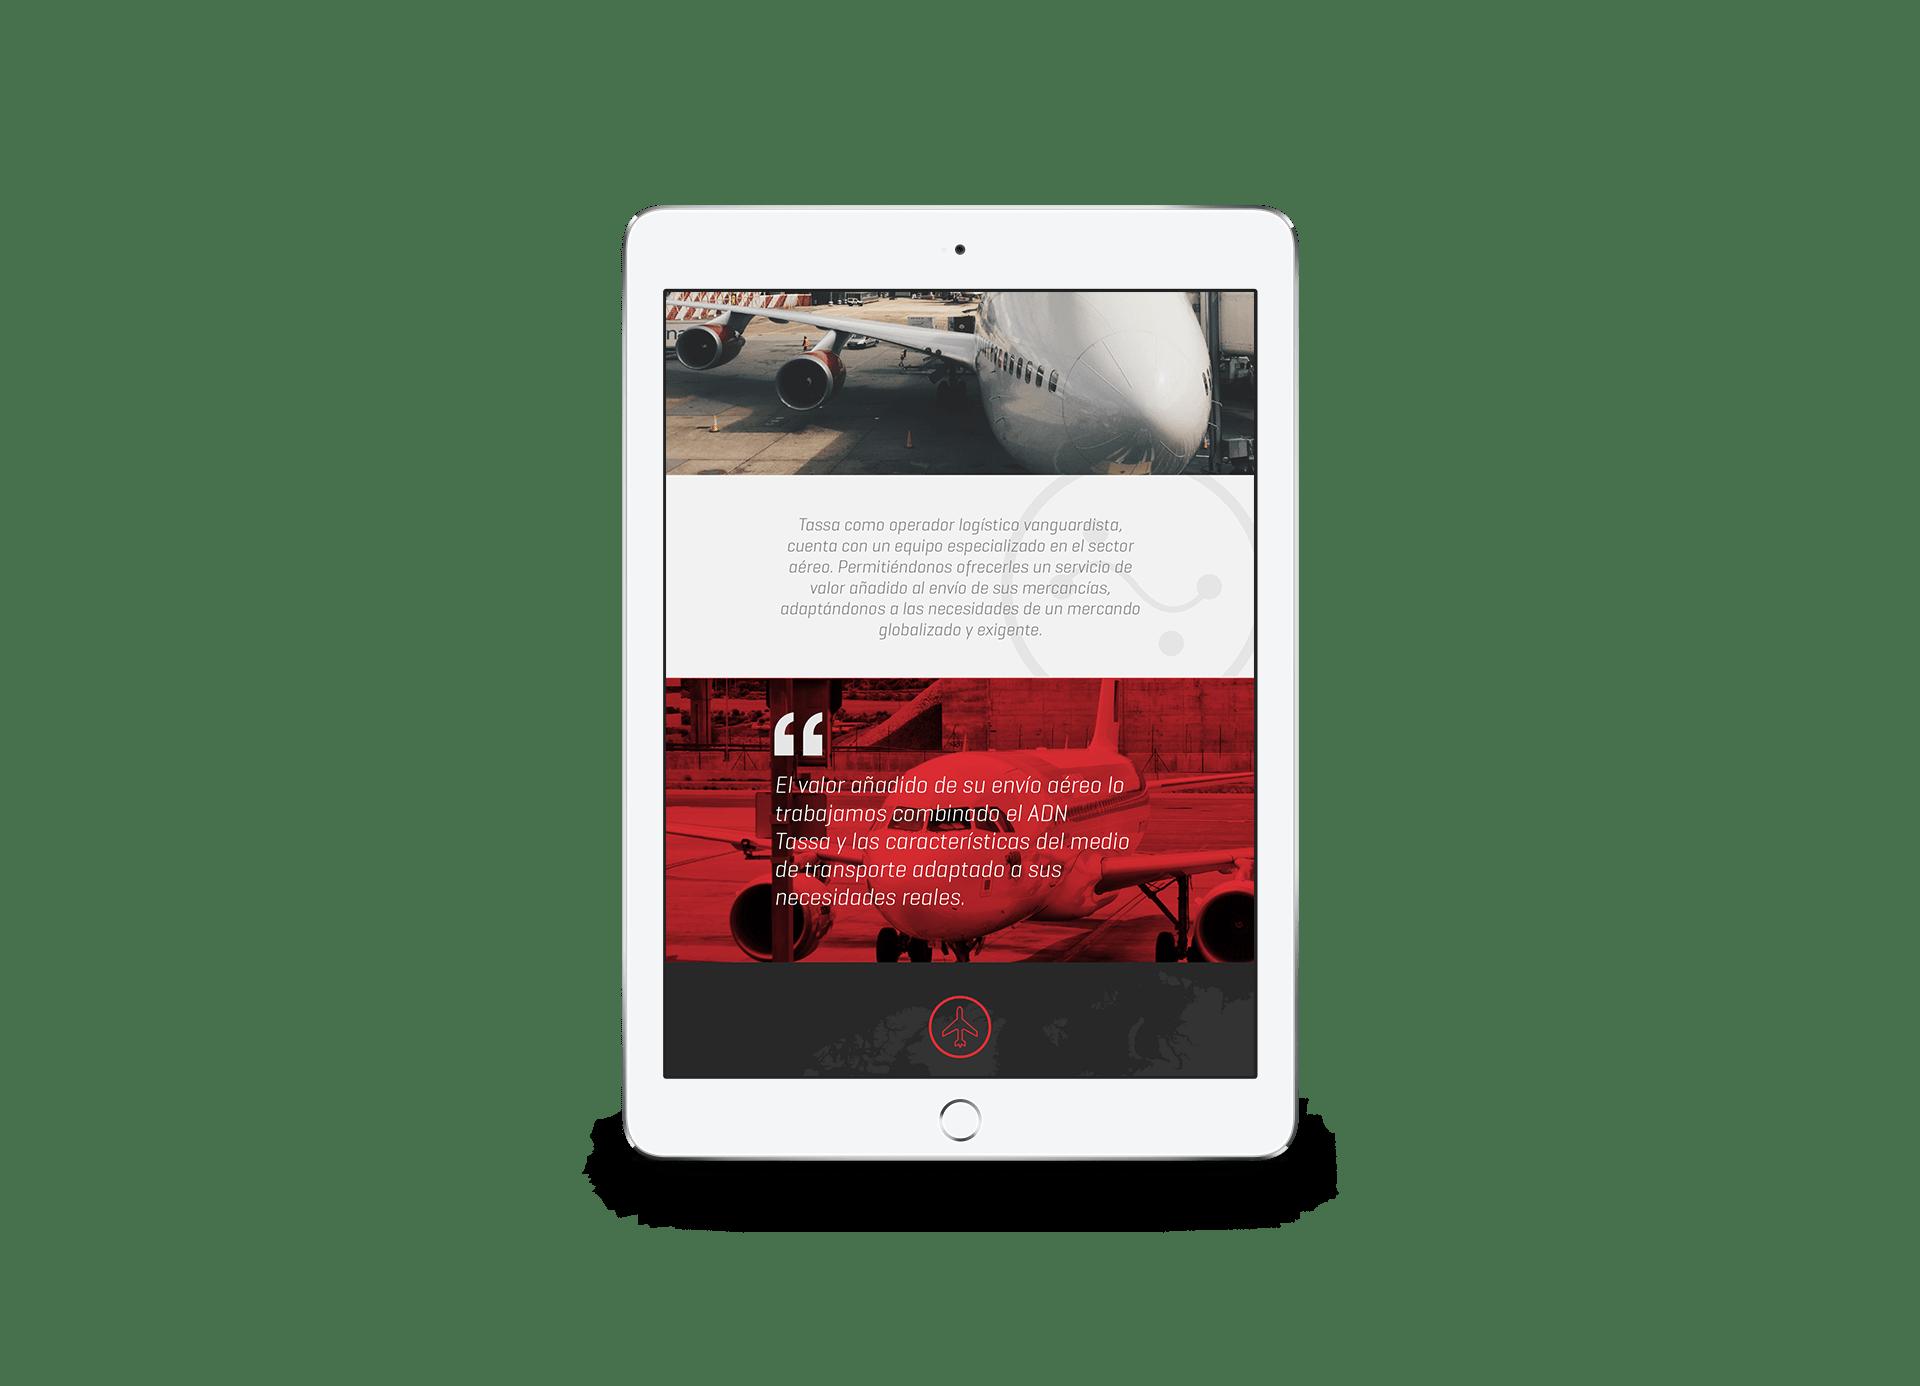 Diseño página web para formato tablet. Disseny pàgina web per a format tablet.